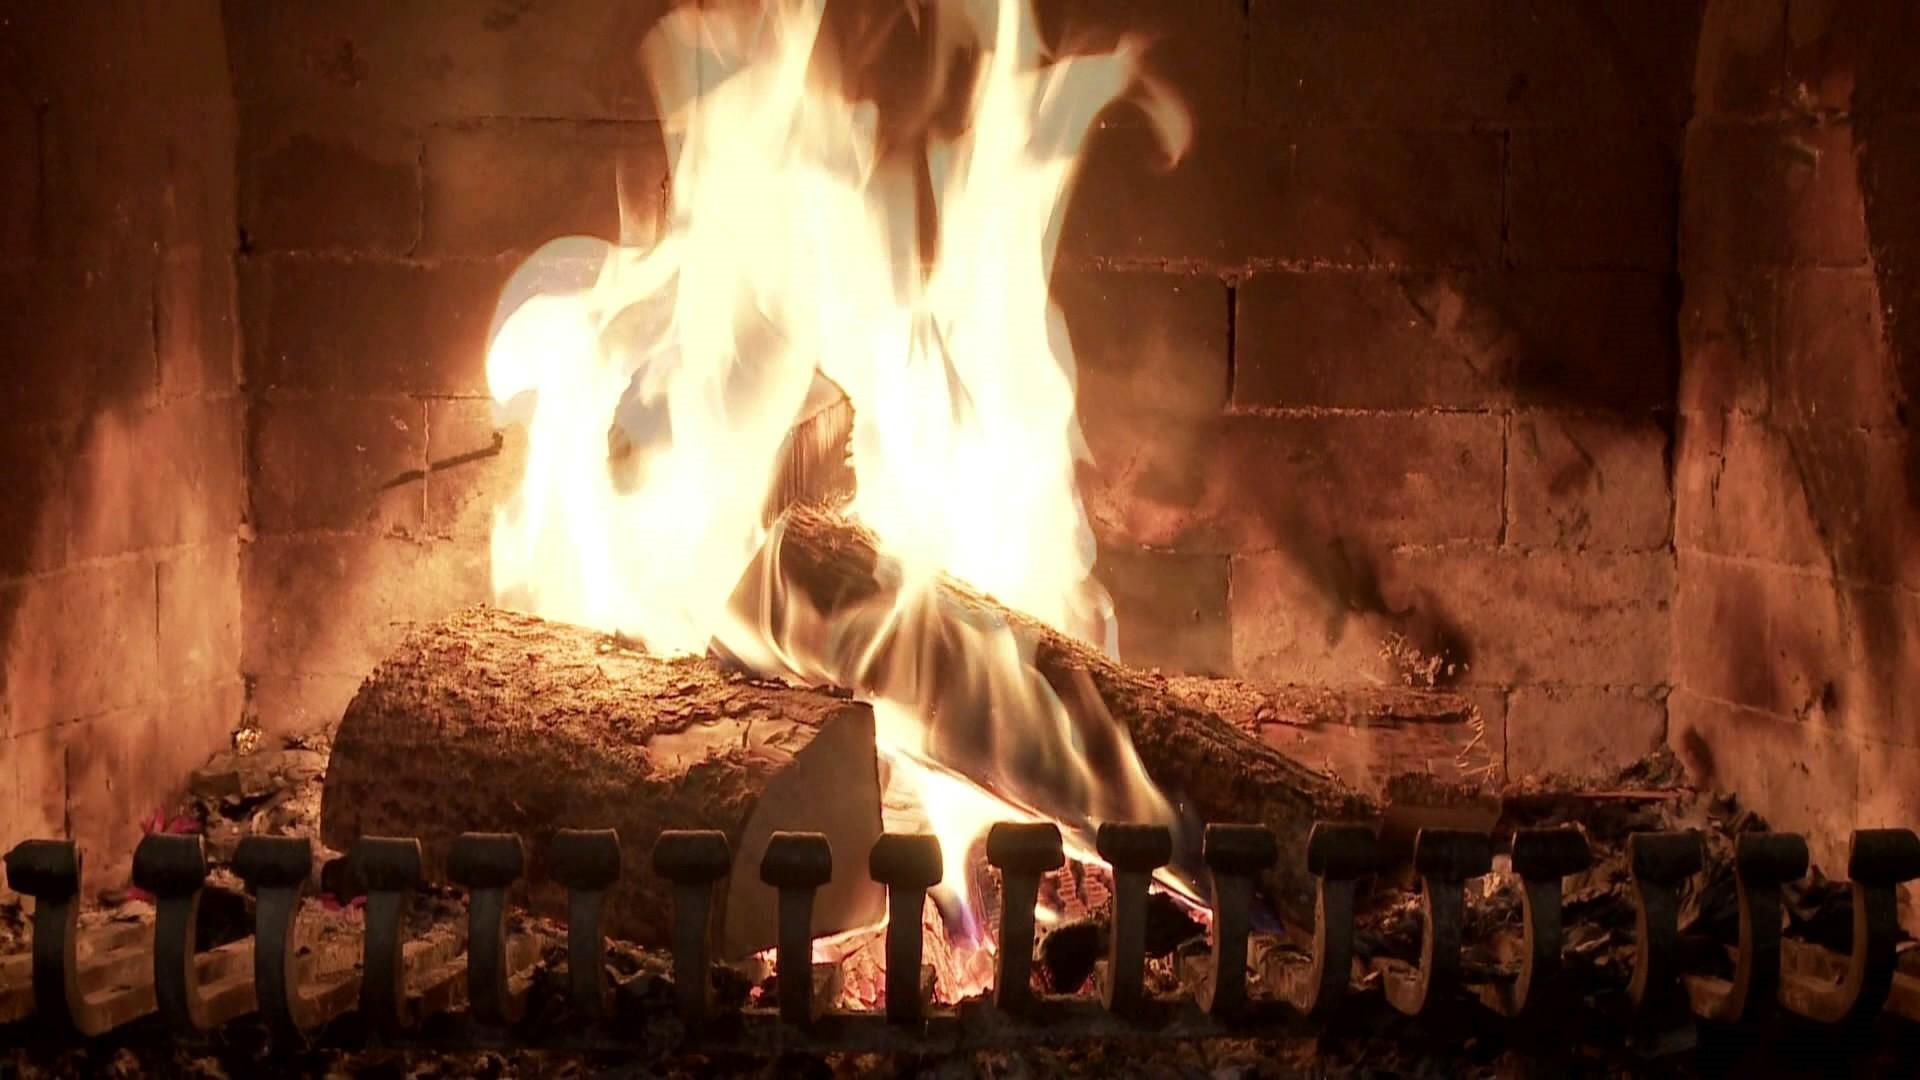 Fireplace Wallpaper